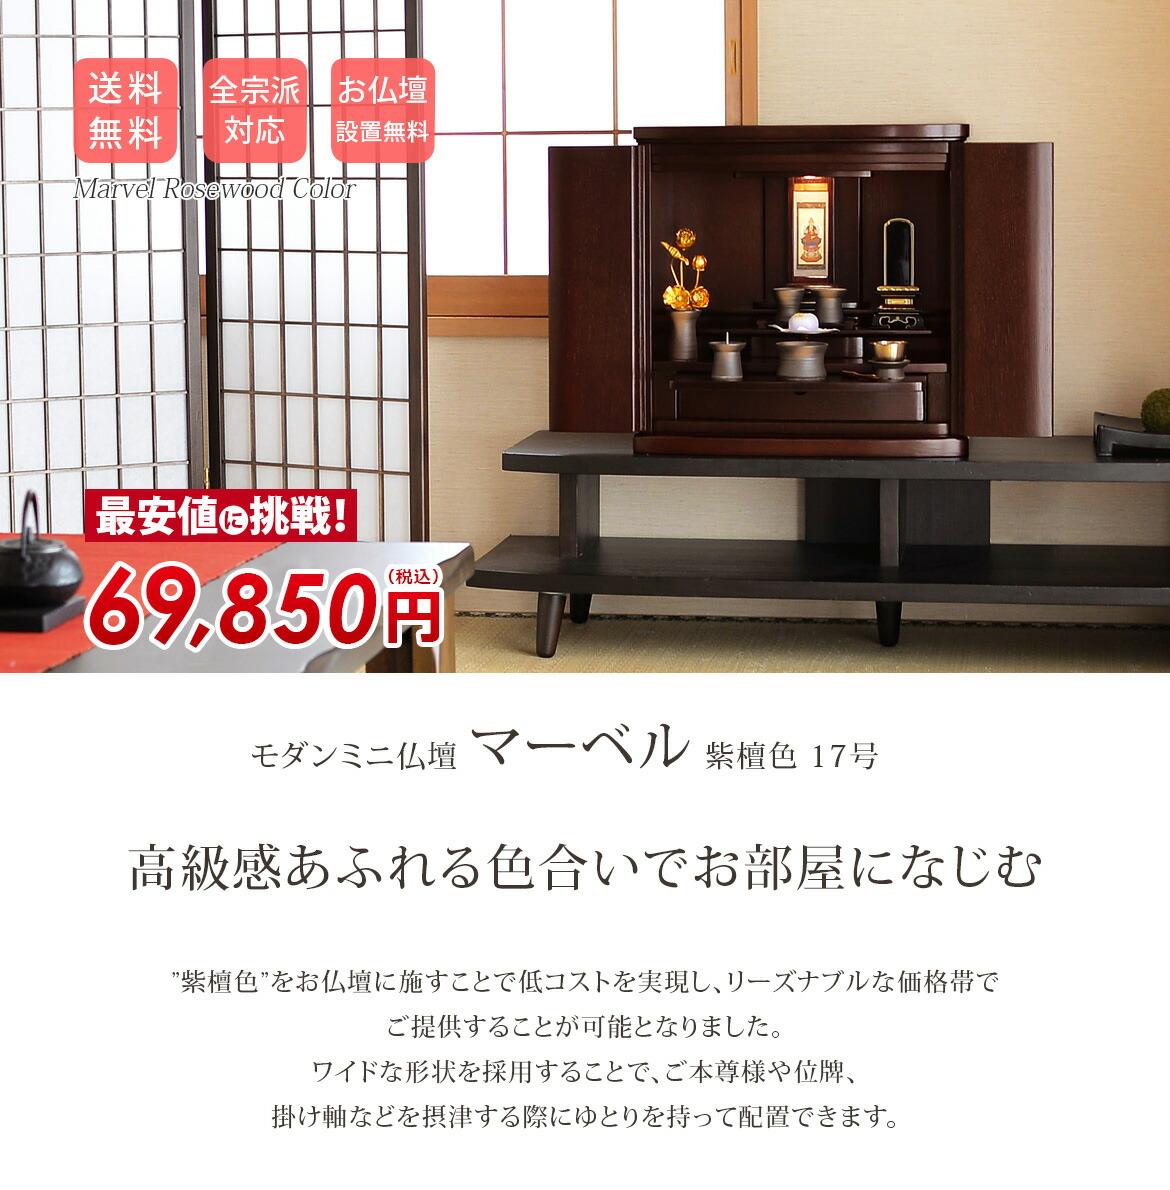 モダンミニ仏壇 マーベル 紫檀色 17号